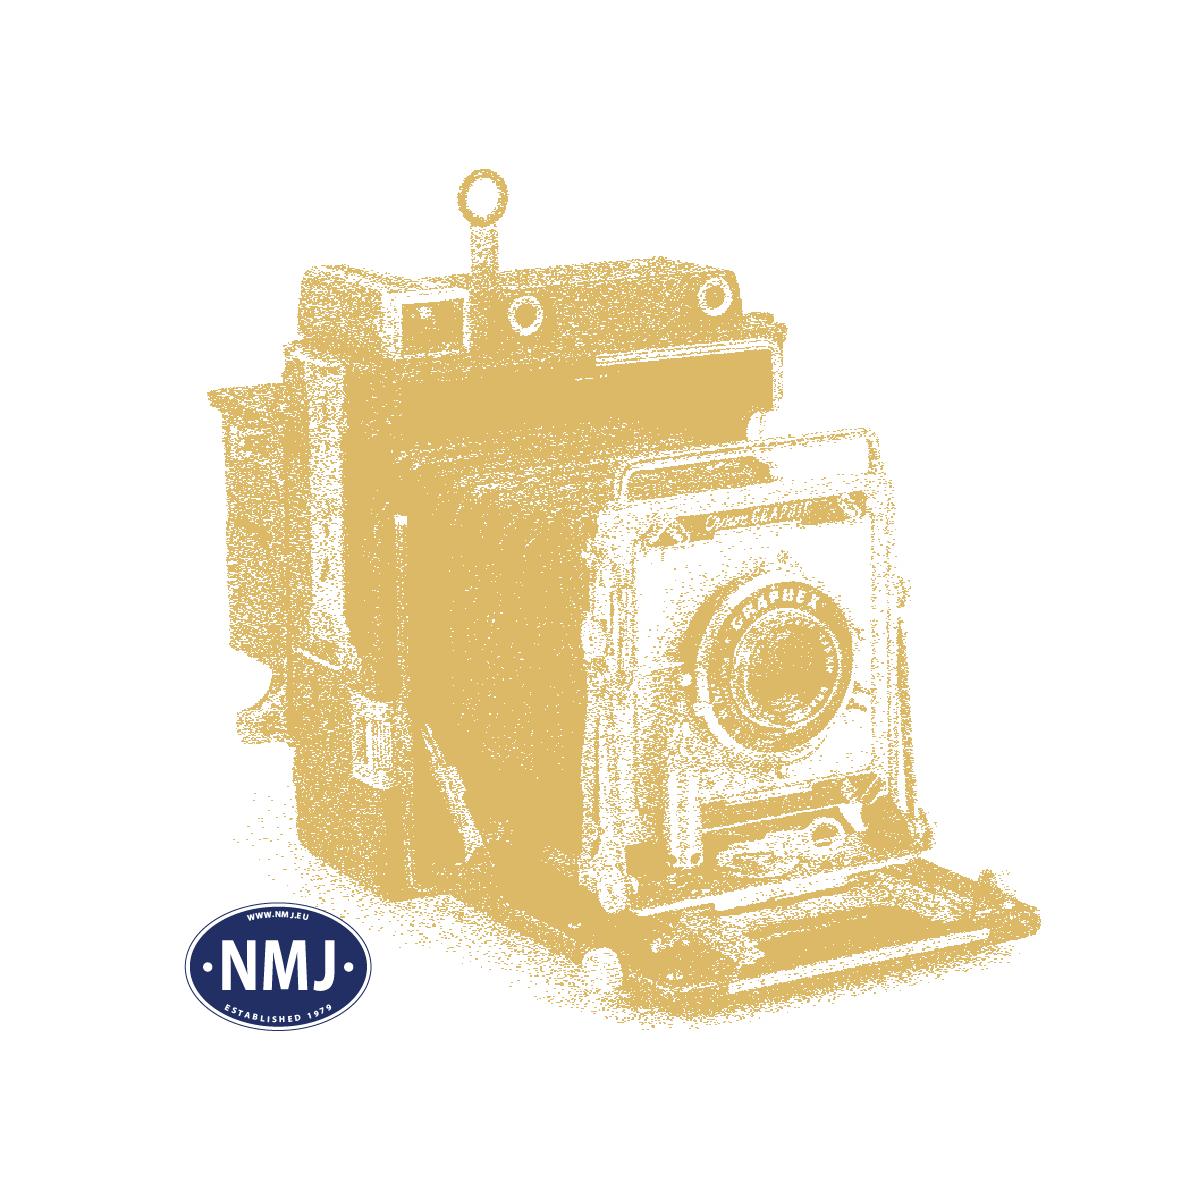 NJKPS182 - På Sporet nr 182, blad